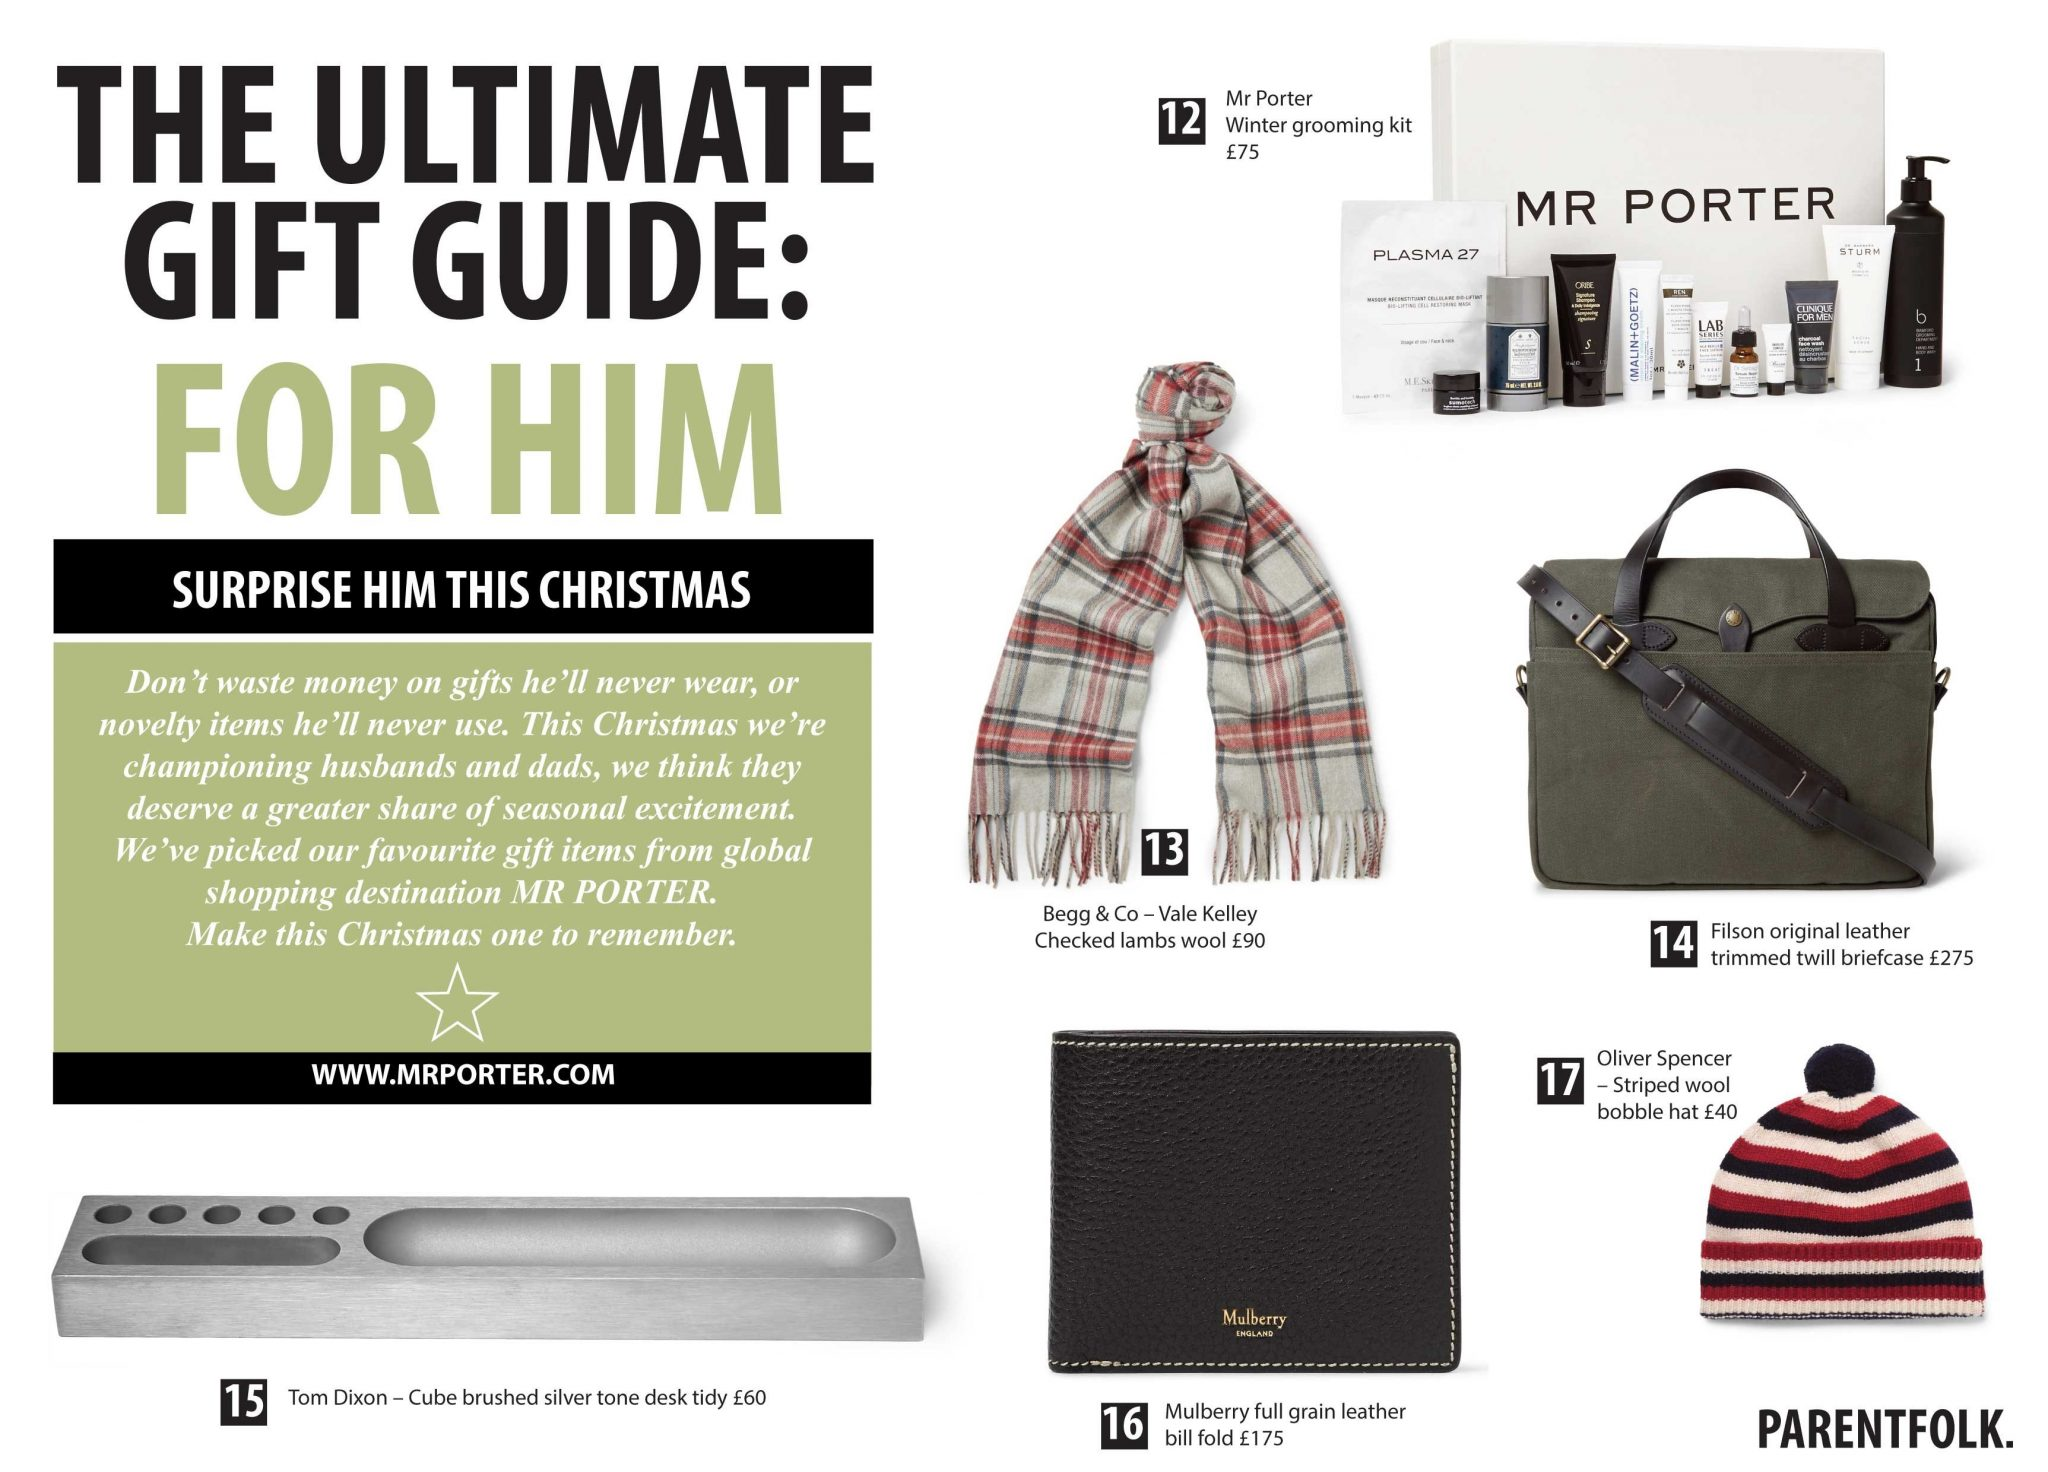 mr-porter-gift-guide-3